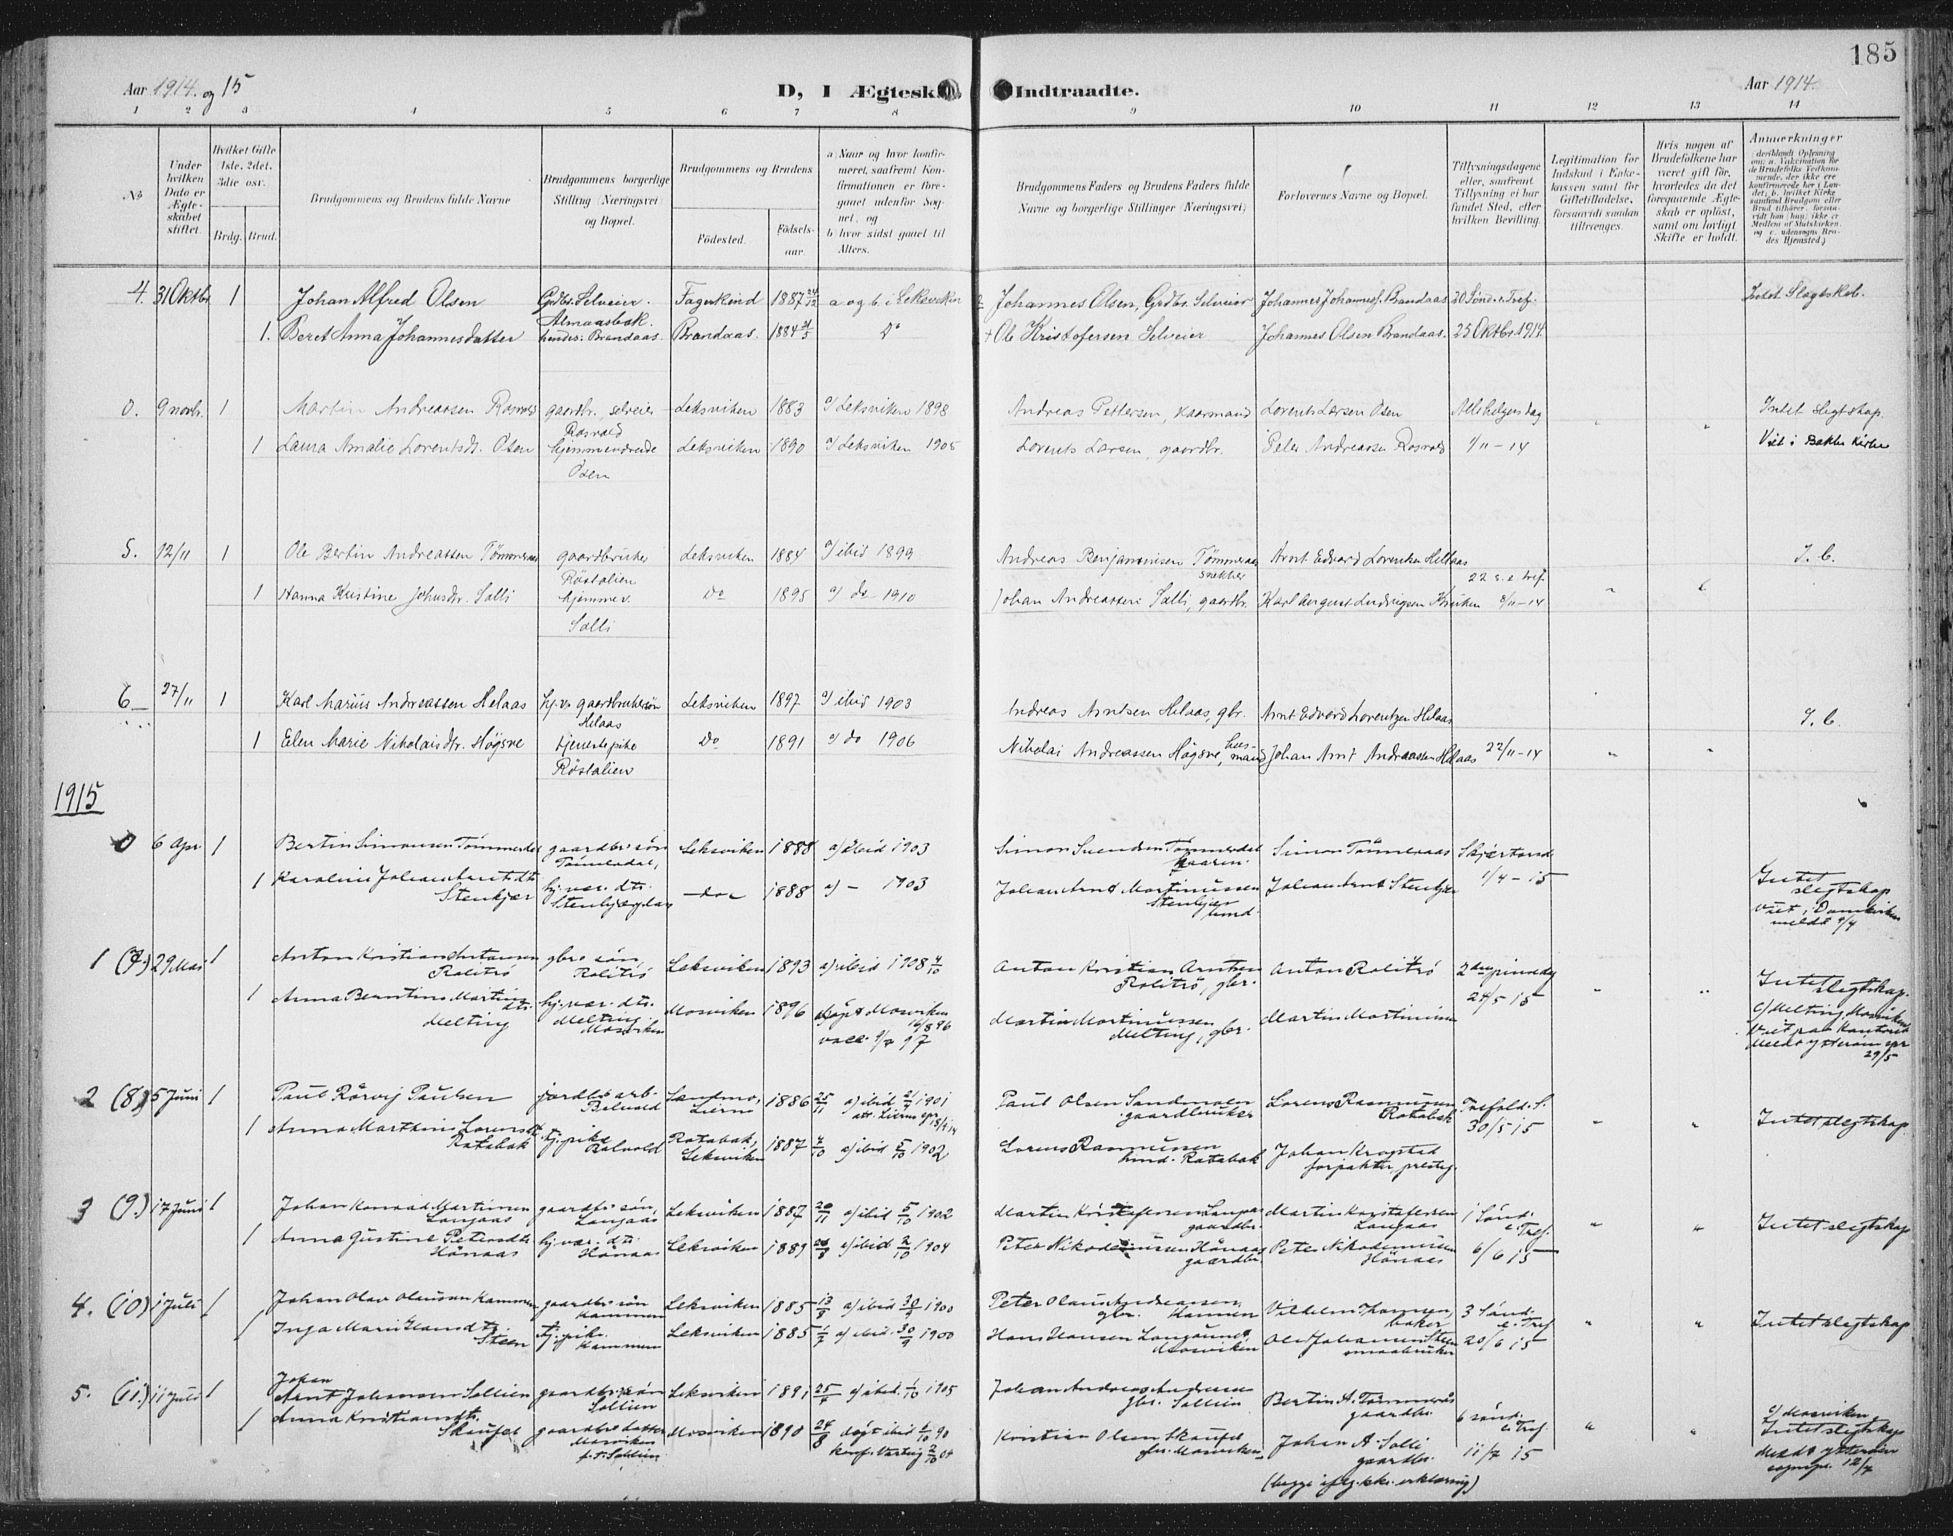 SAT, Ministerialprotokoller, klokkerbøker og fødselsregistre - Nord-Trøndelag, 701/L0011: Ministerialbok nr. 701A11, 1899-1915, s. 185